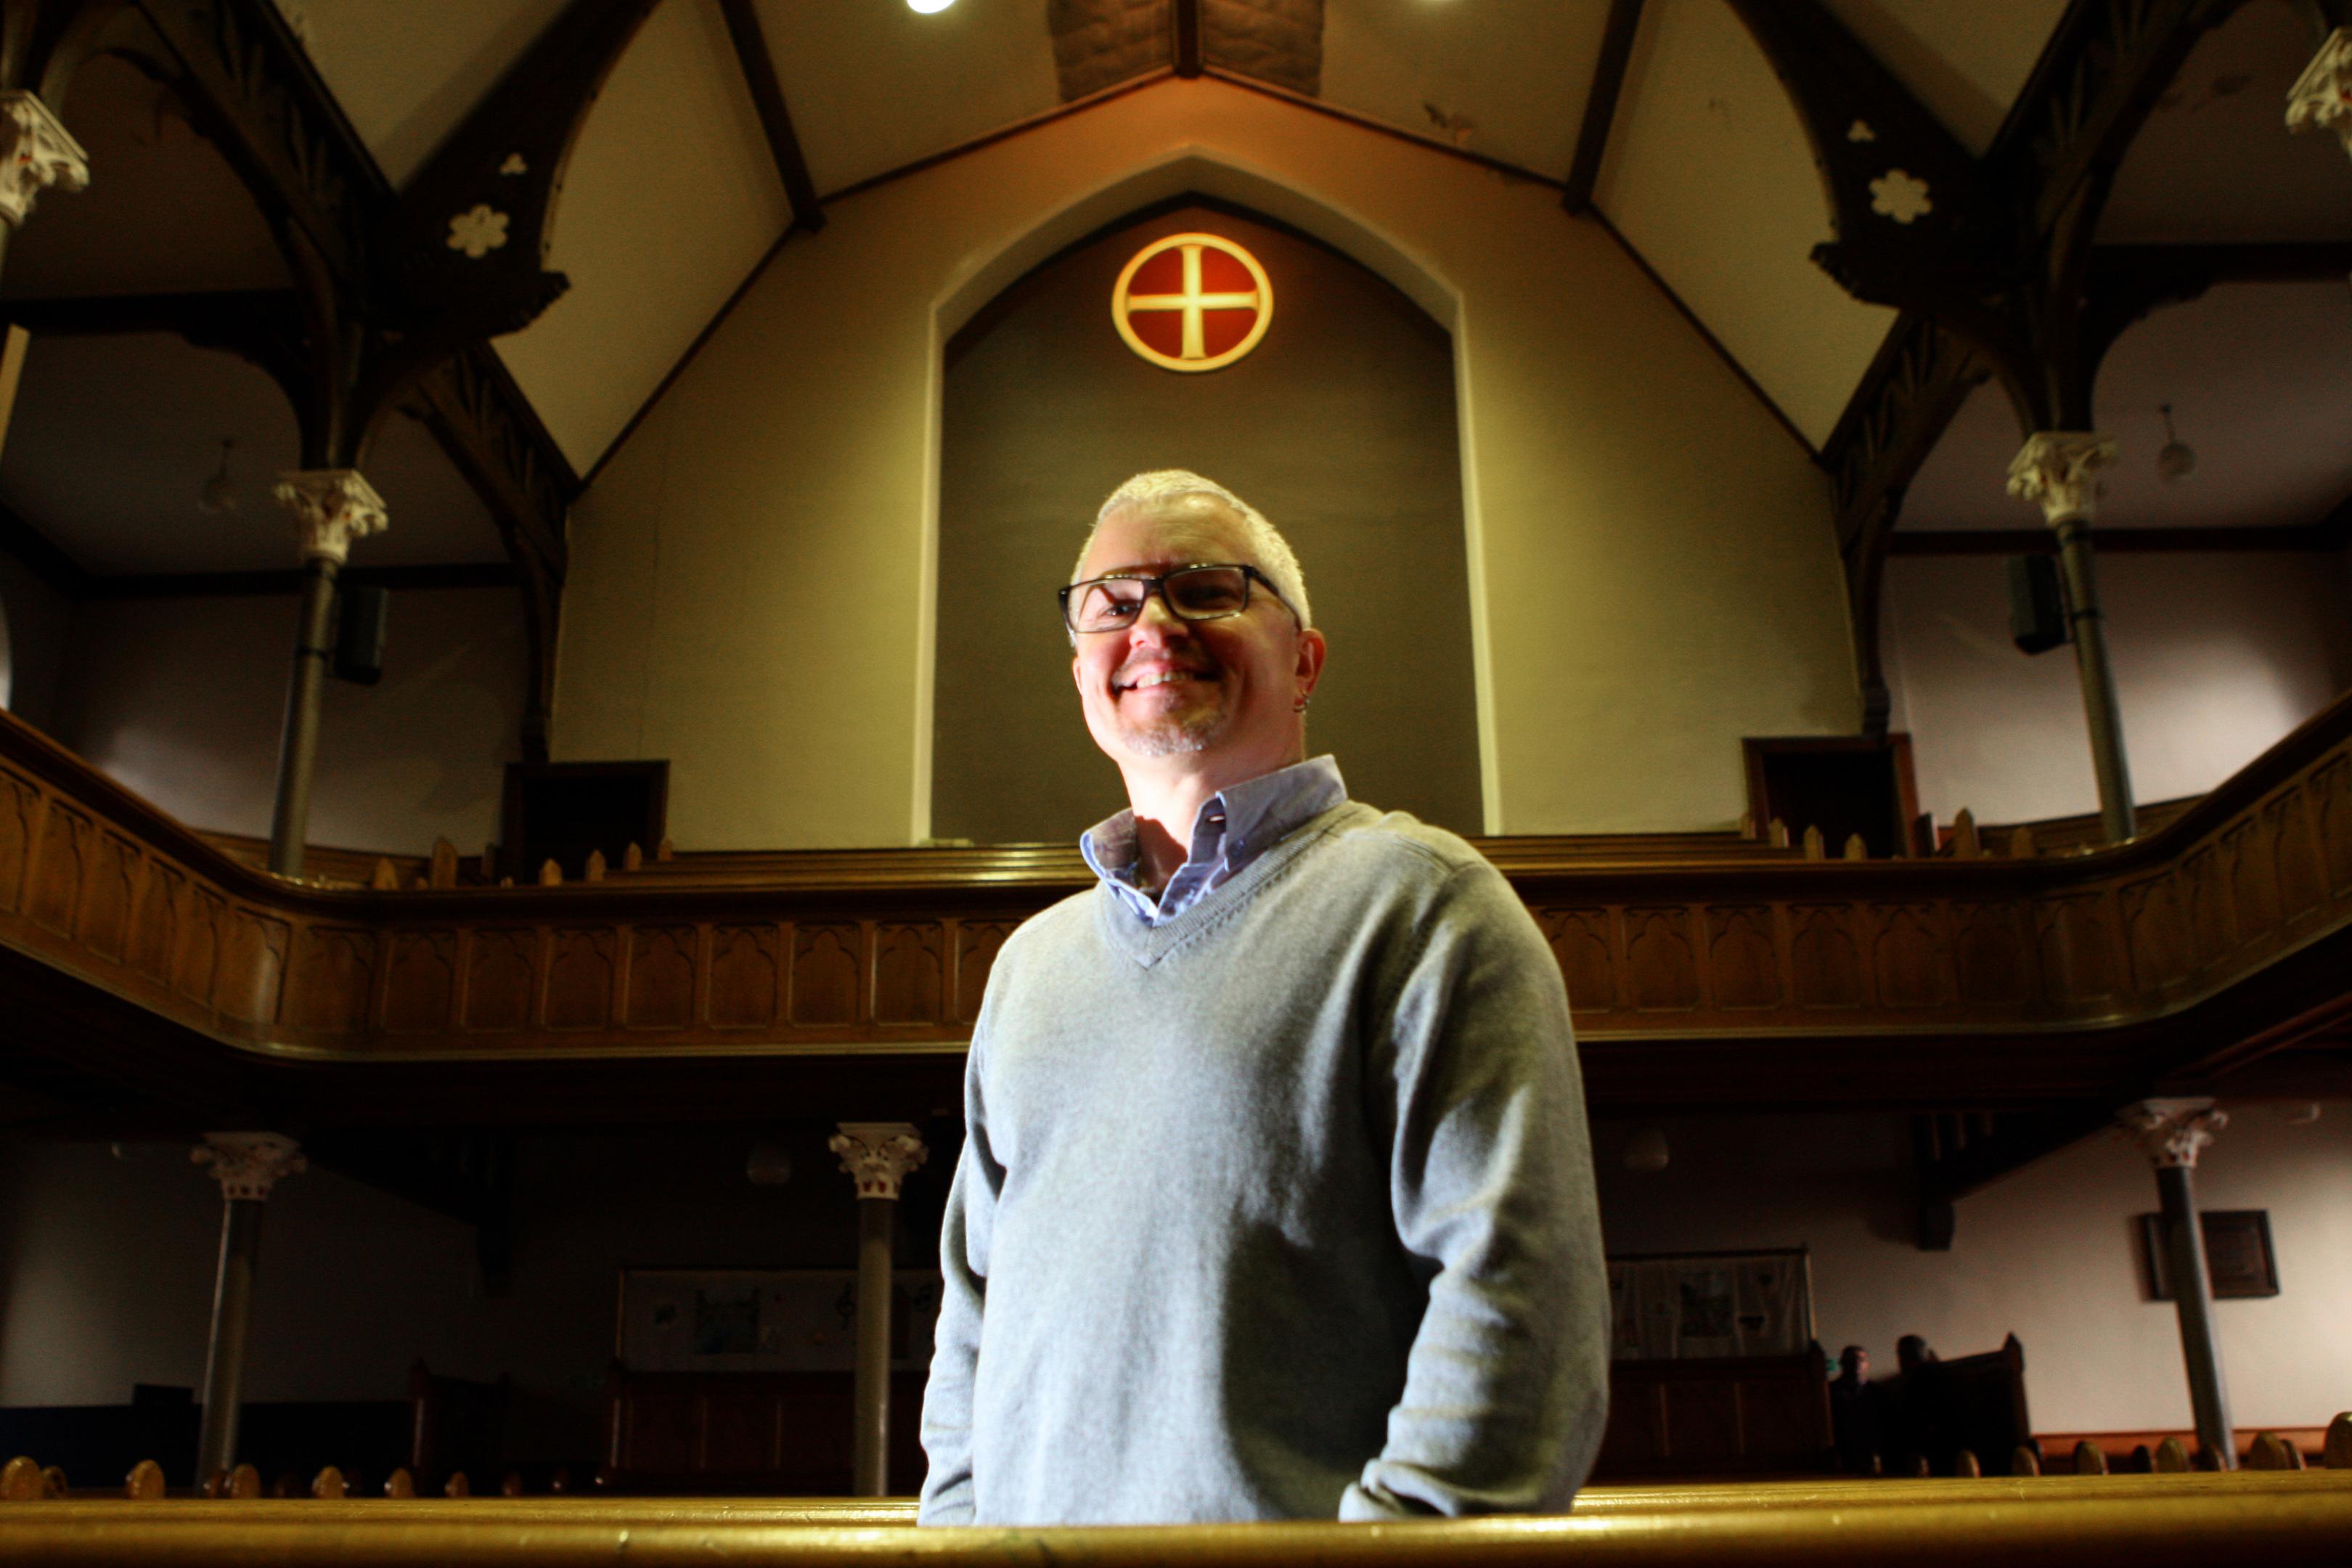 Rev Scott Burton